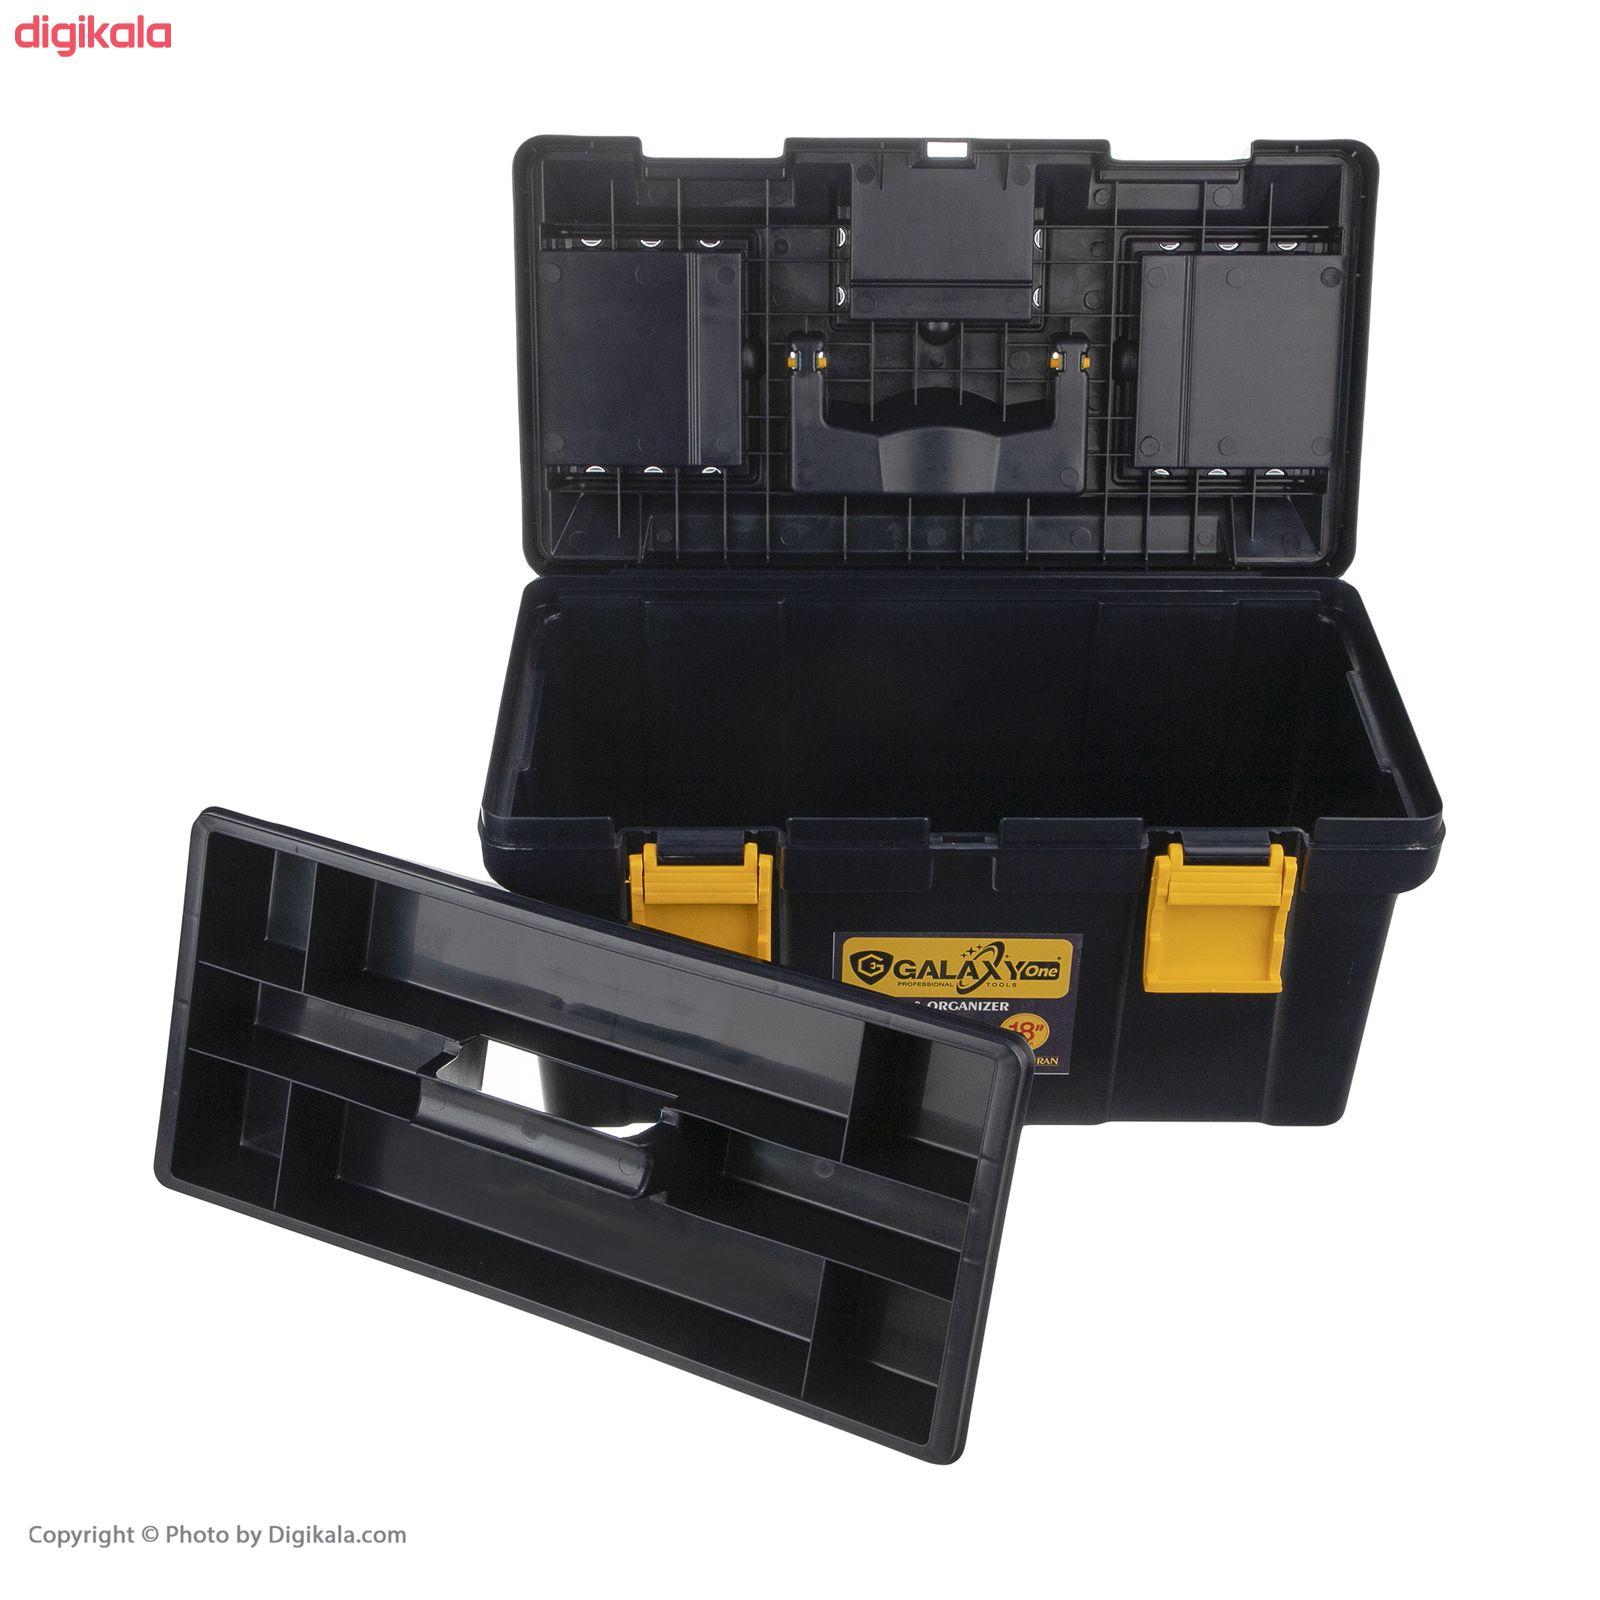 جعبه ابزار گلکسی وان مدل TB18S  main 1 2